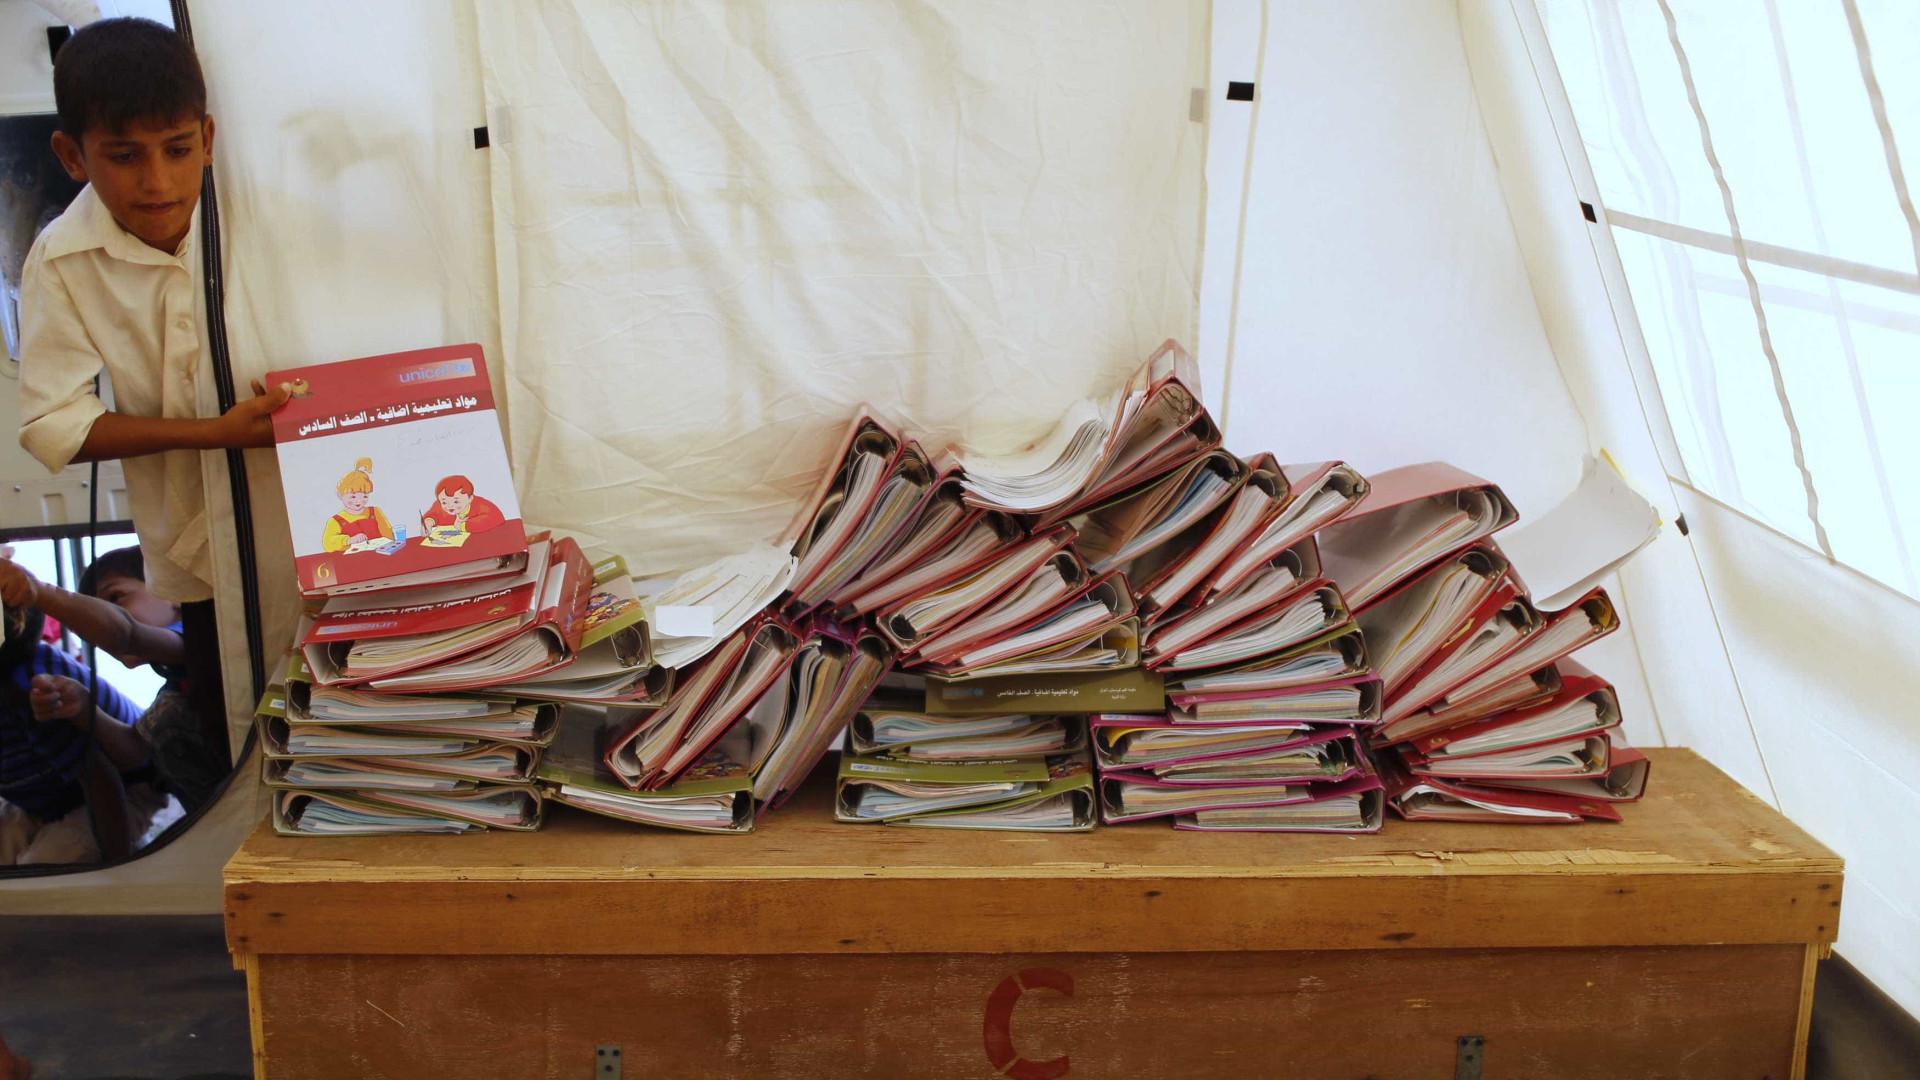 Reclamações contra livrarias disparam 205% em 2018